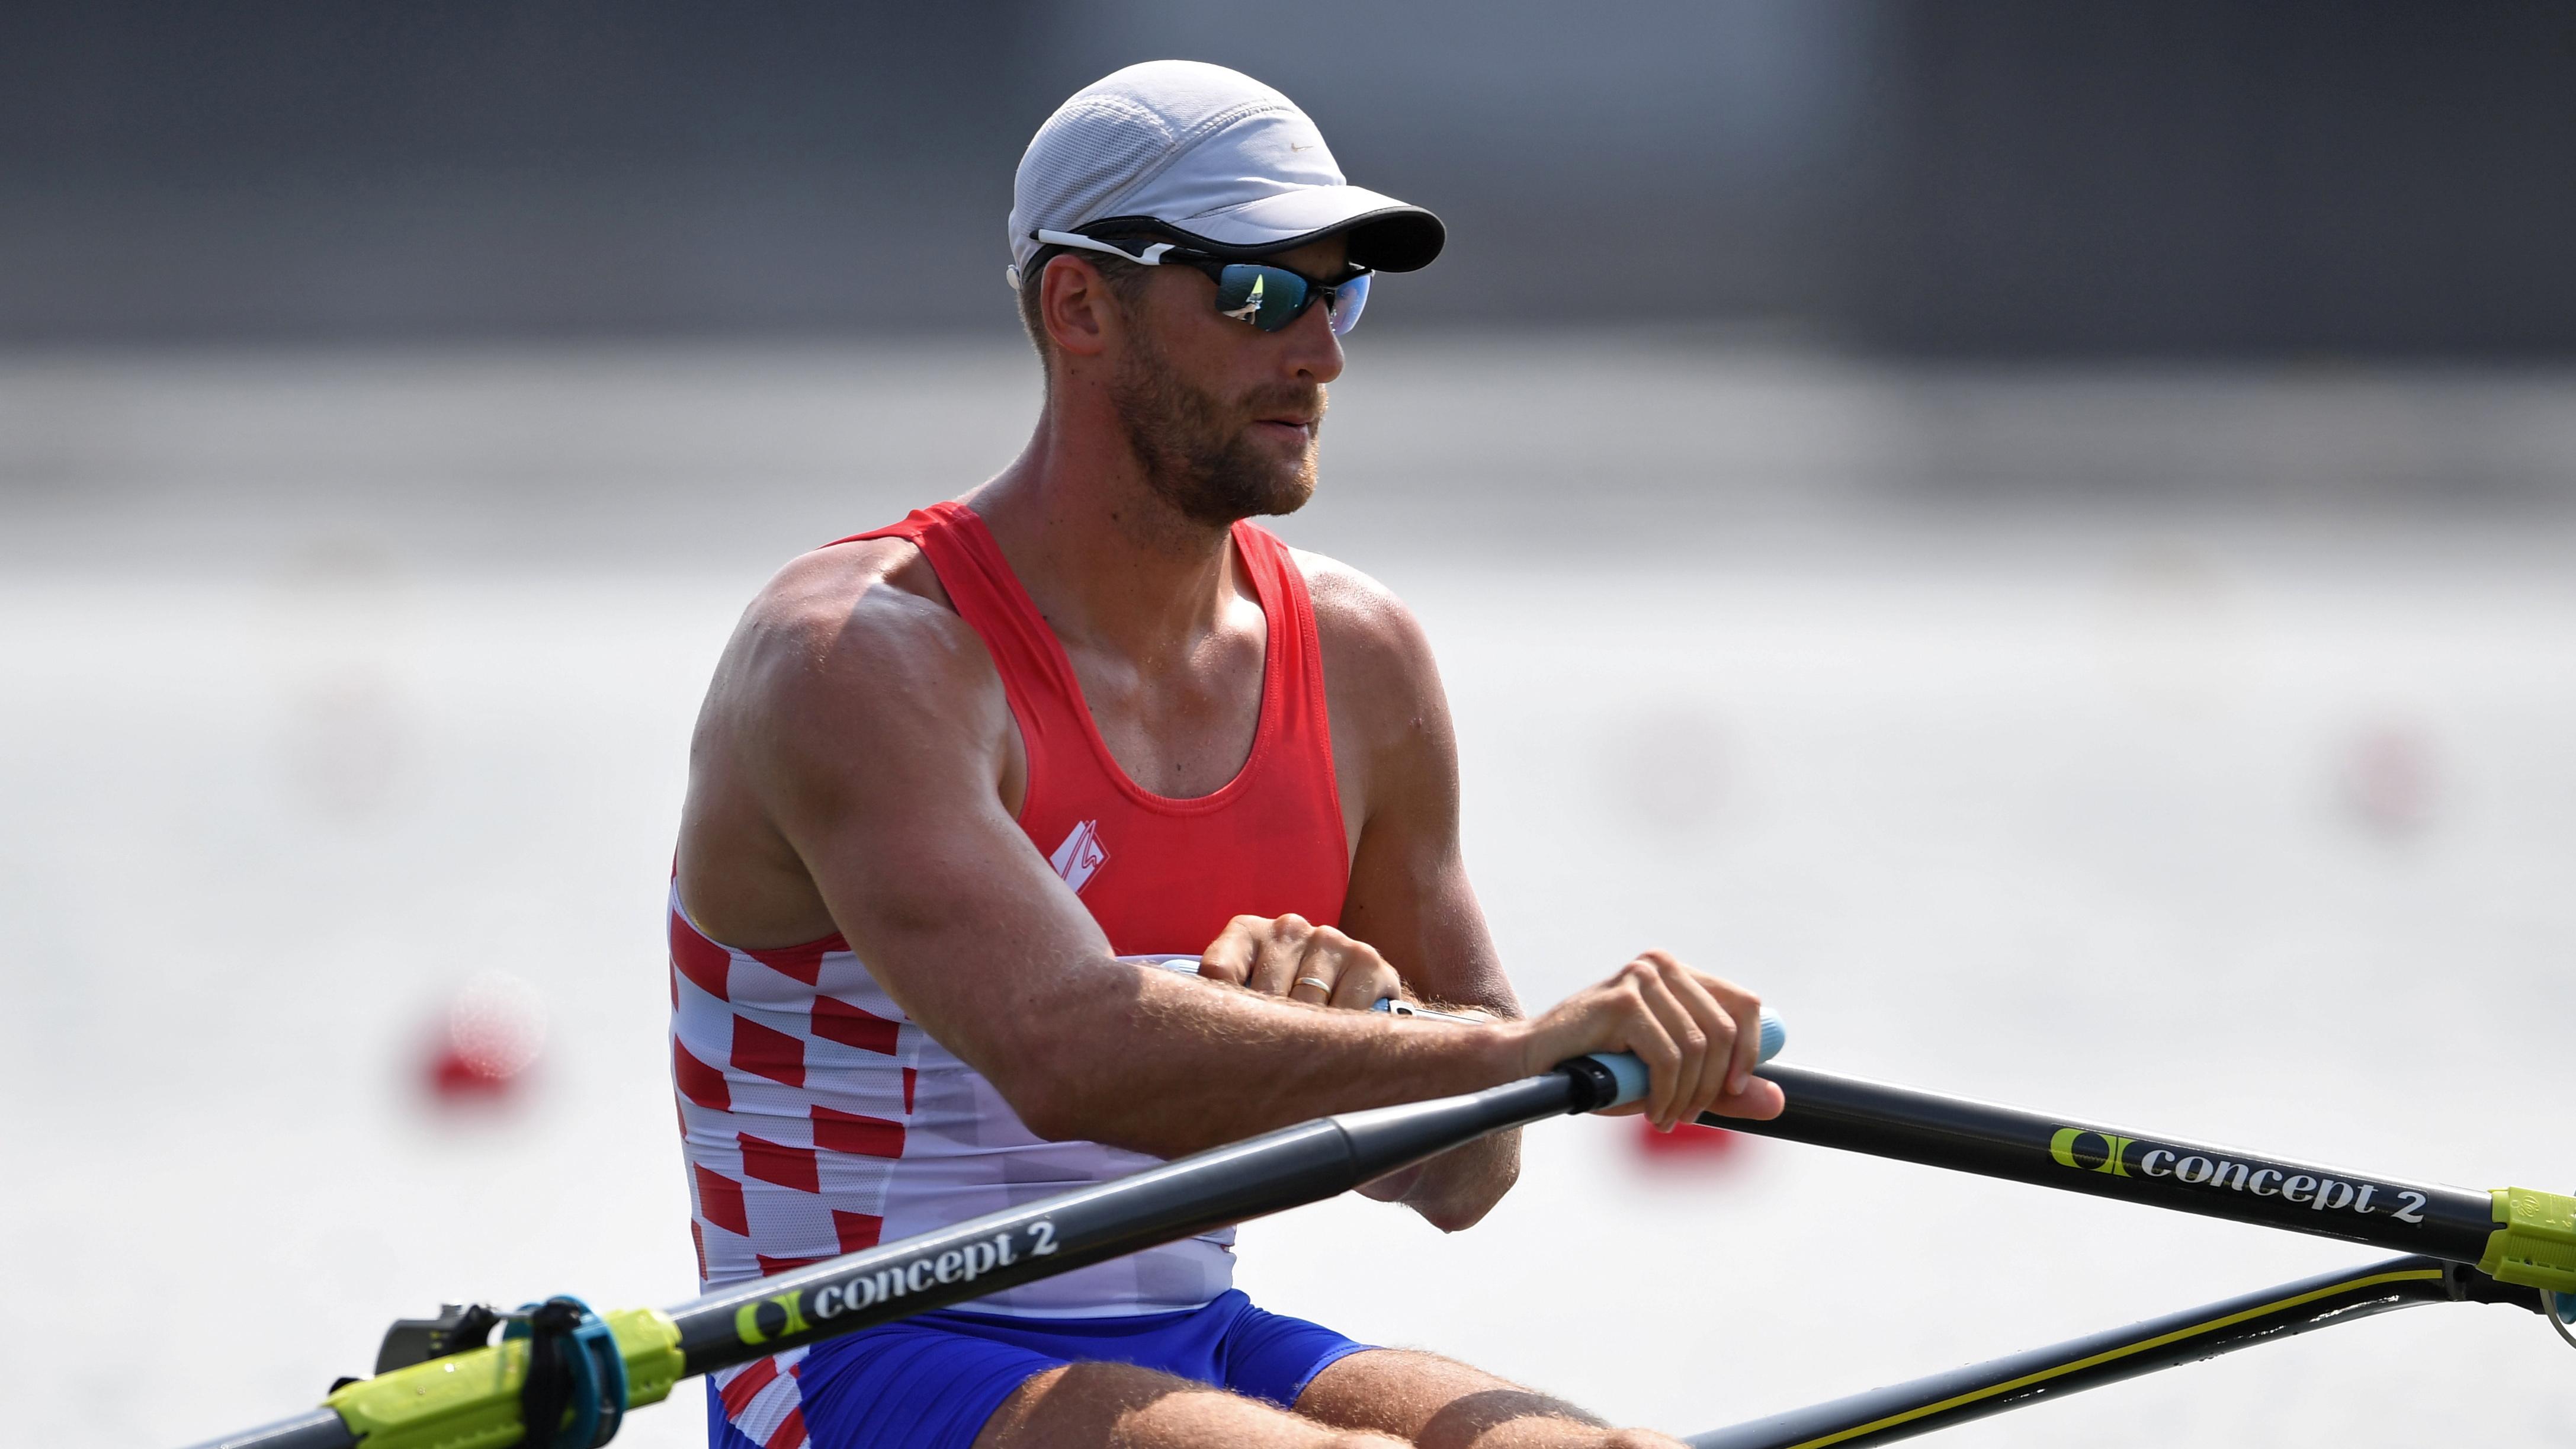 Tokyo 2020 Olympics - Rowing - Men's Single Sculls - Heats - Sea Forest Waterway, Tokyo, Japan - July 23, 2021. Damir Martin of Croatia before competing REUTERS/Piroschka Van De Wouw